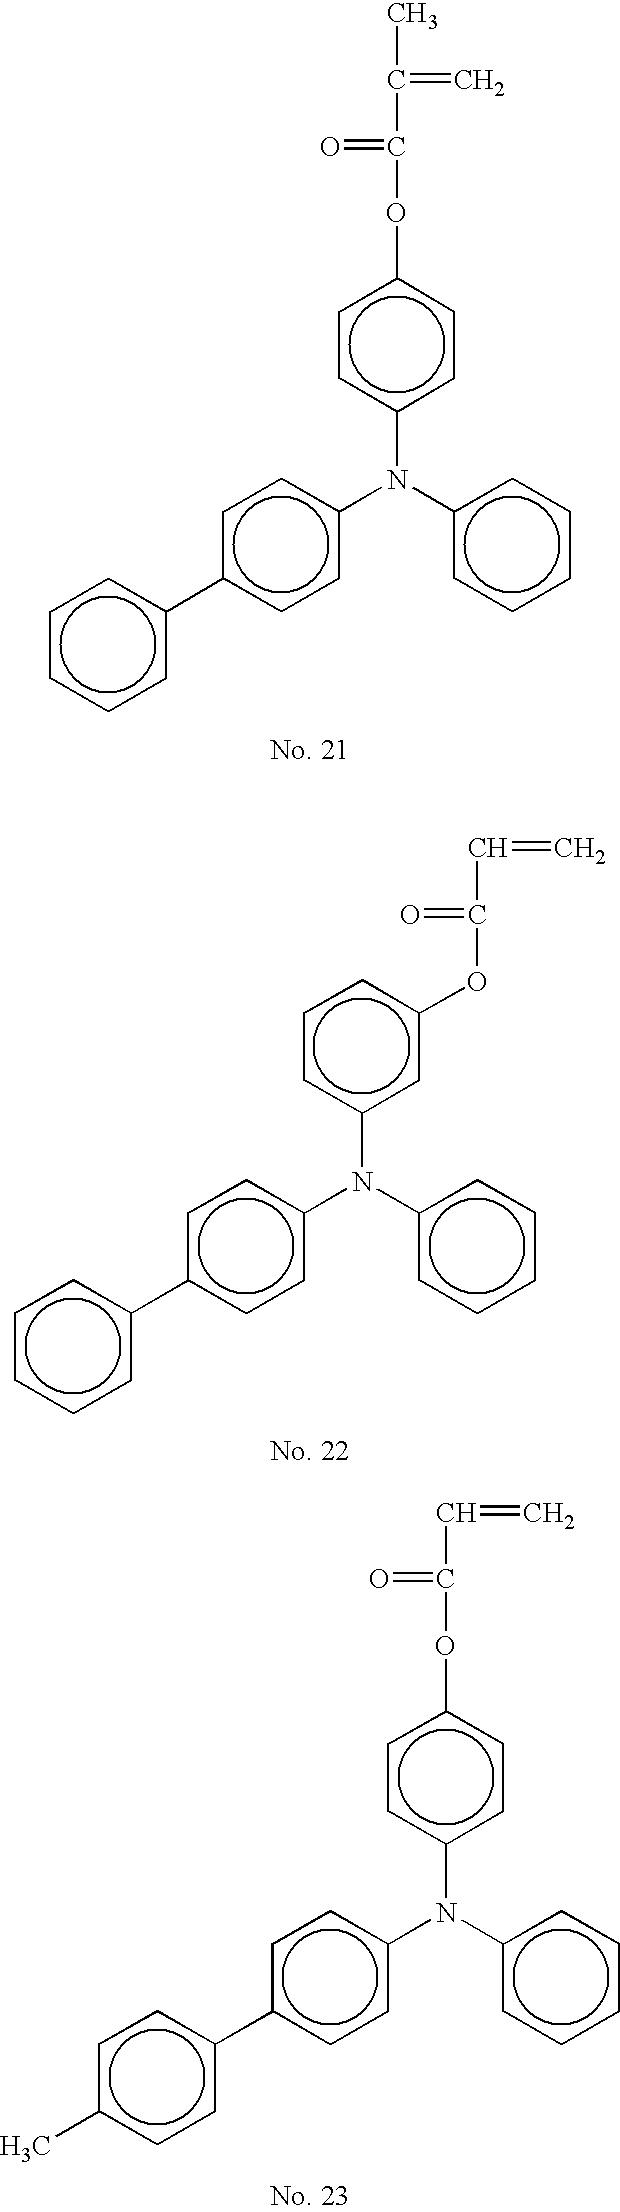 Figure US20070196749A1-20070823-C00011